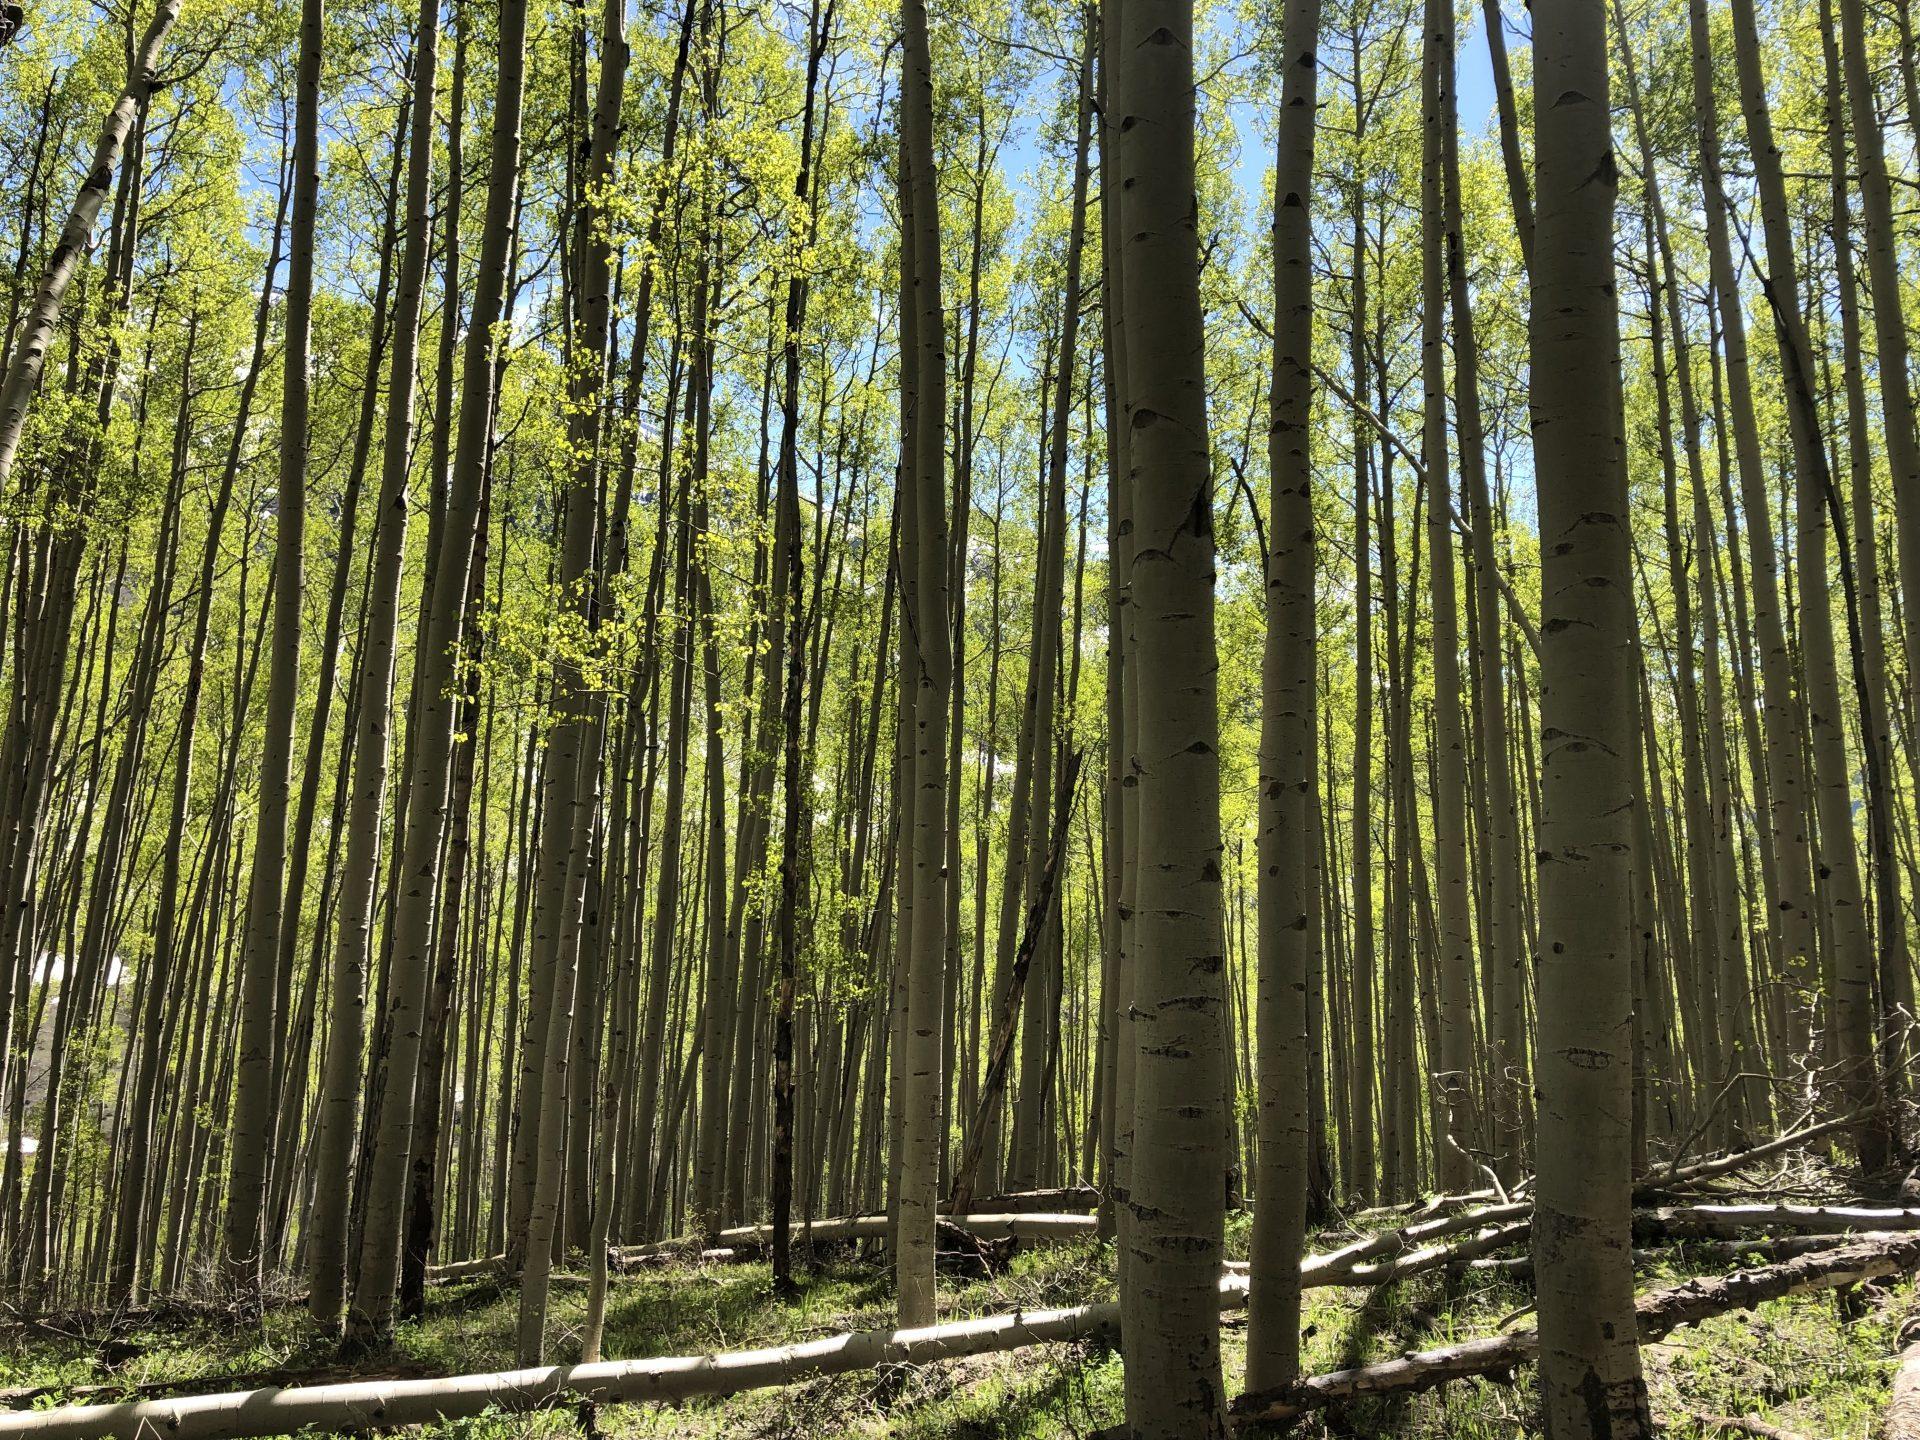 Aspen forest scene in early summer